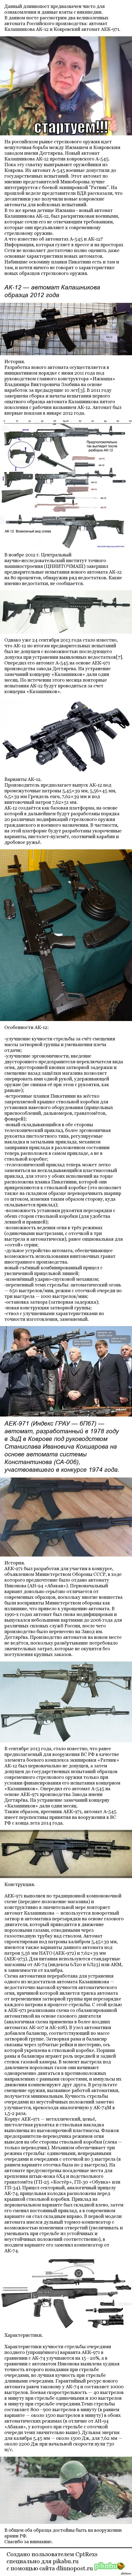 Автомат Калашникова АК-12 и Ковровский автомат АЕК-971. Данный пост предназначен для ознакомления, данные взяты с википедии.